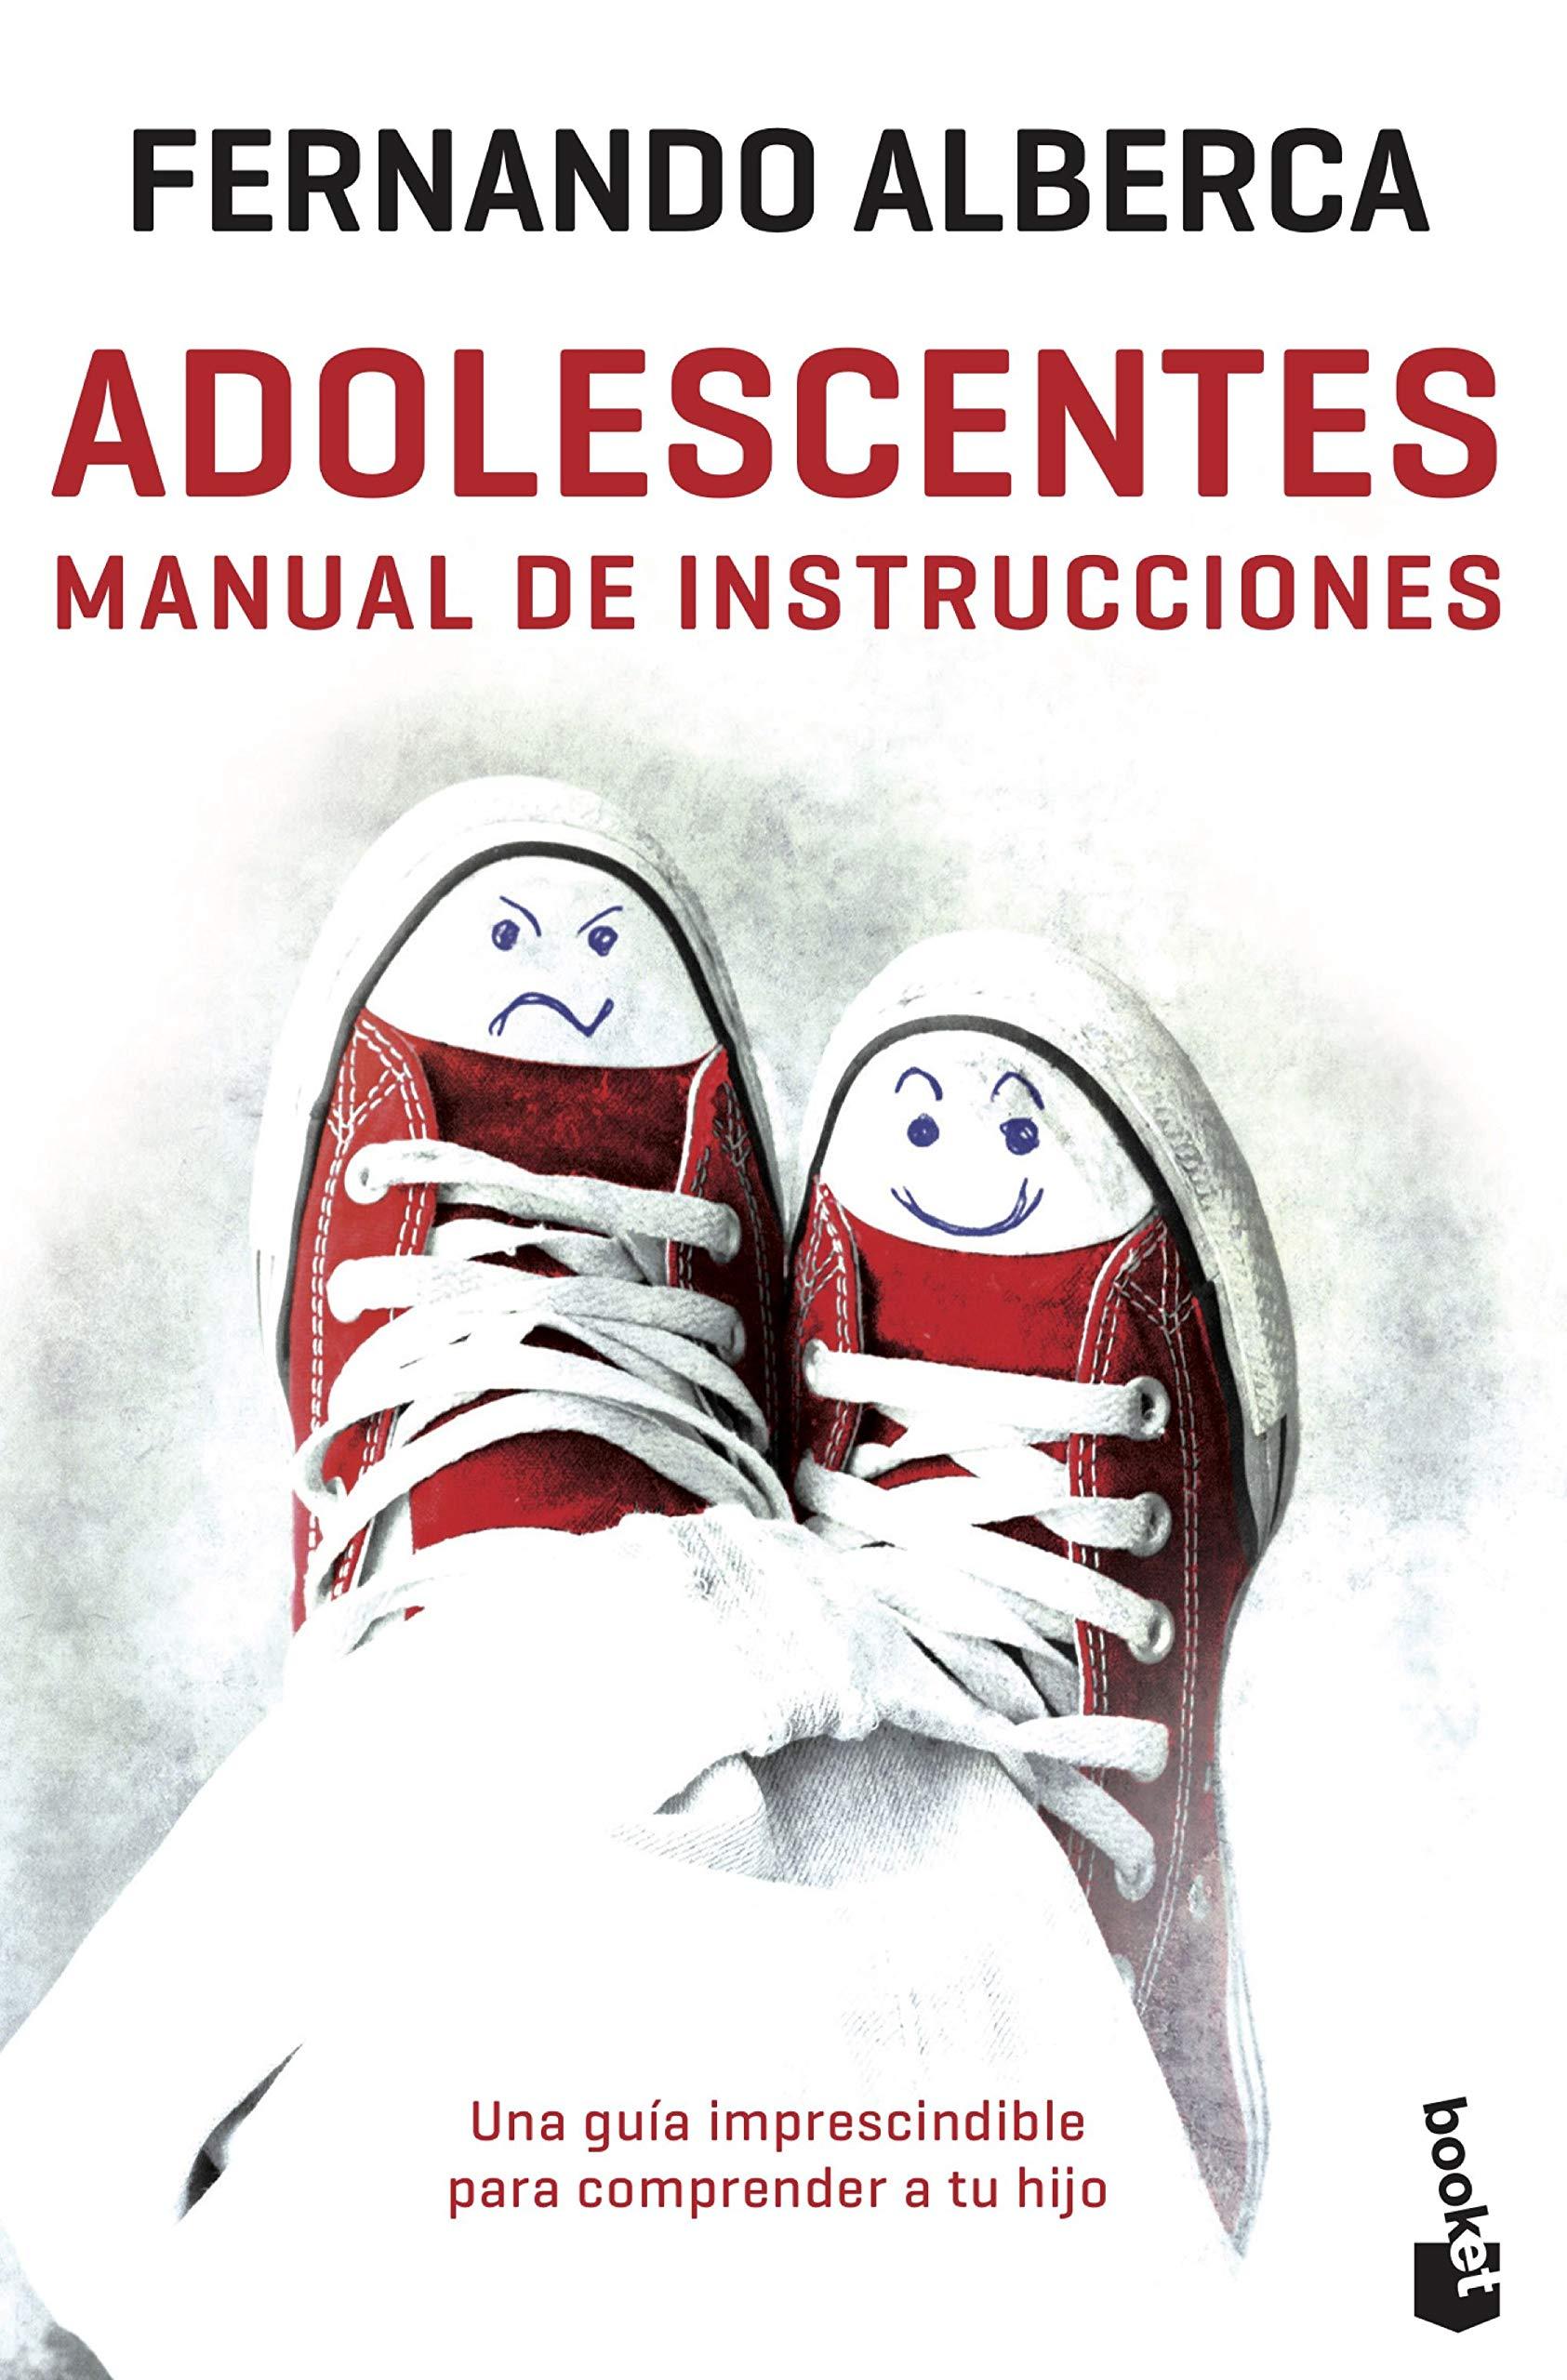 Adolescentes Manual De Instrucciones Prácticos Amazon Es Alberca Fernando Libros